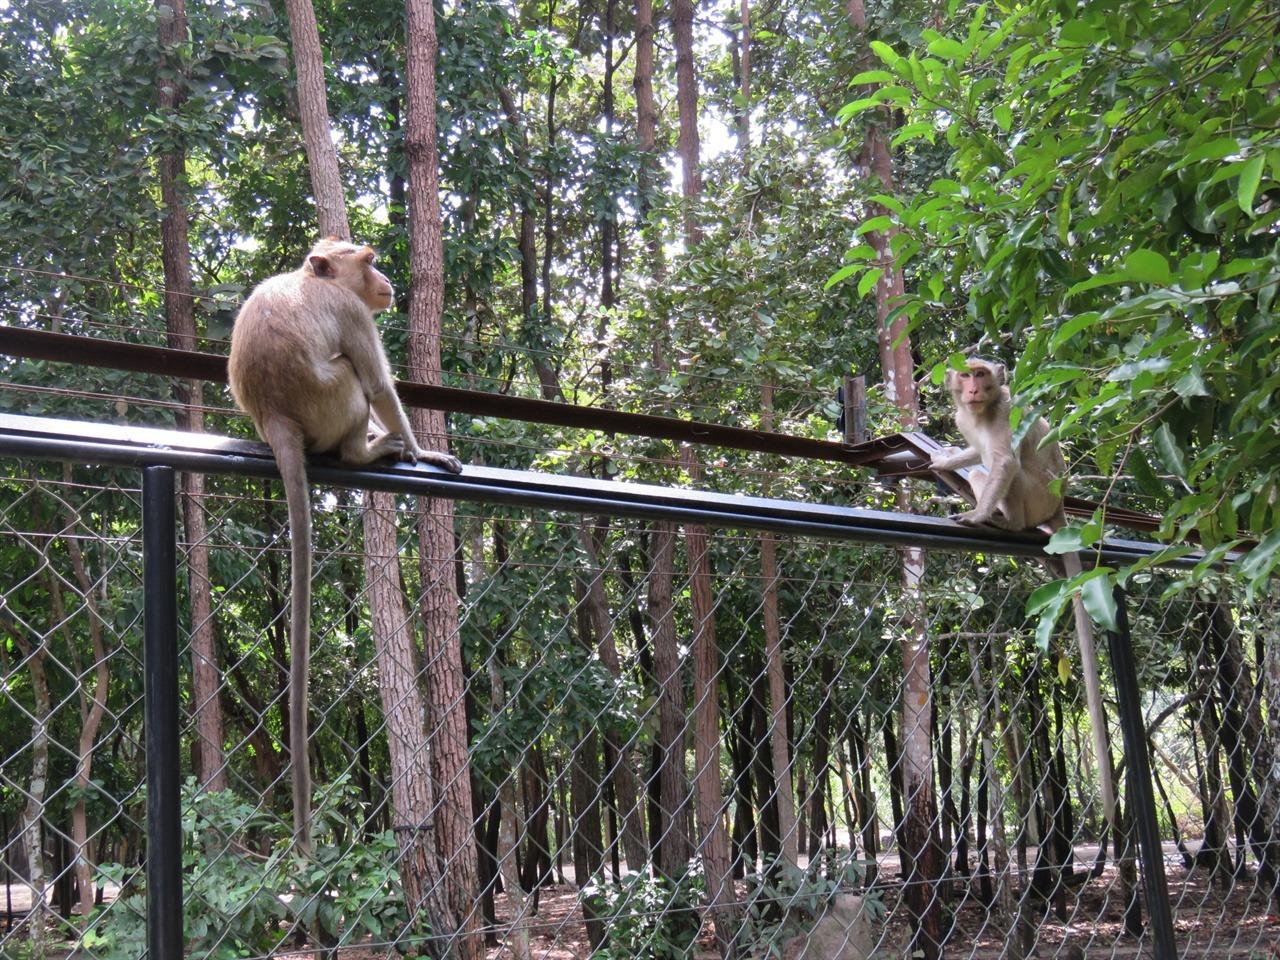 동물공원을 자유로이 돌아다니는 원숭이들.